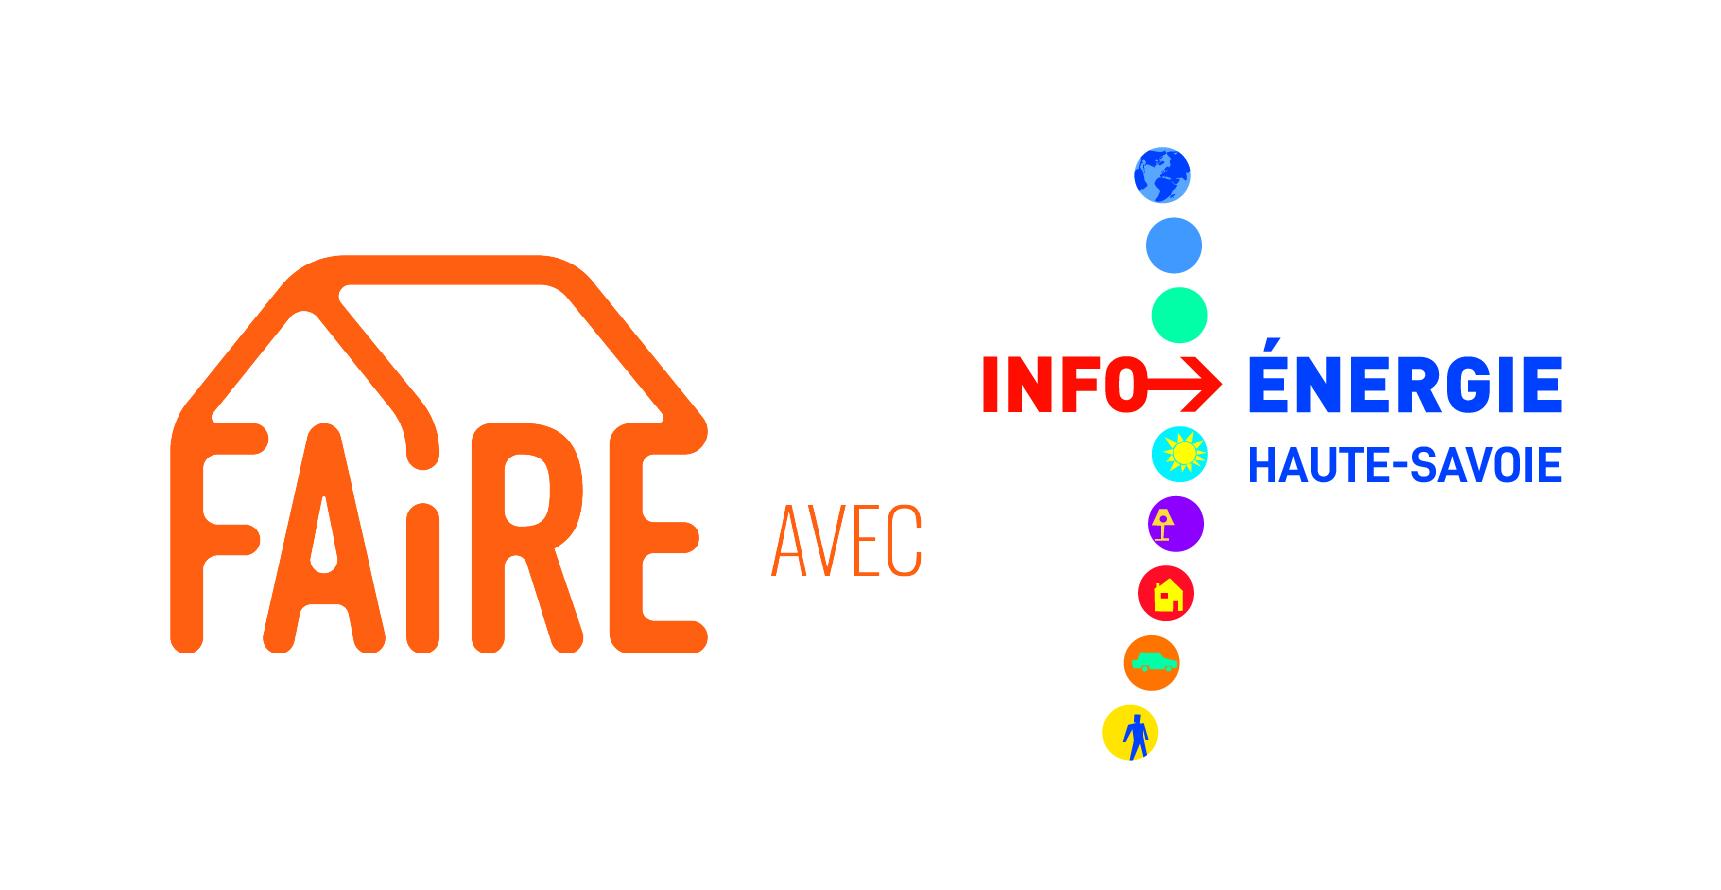 FAIRE EIE Haute Savoie CMJN 01 - Info-Energie Haute-Savoie - Travaux à 1€, un conseiller répond à vos questions!